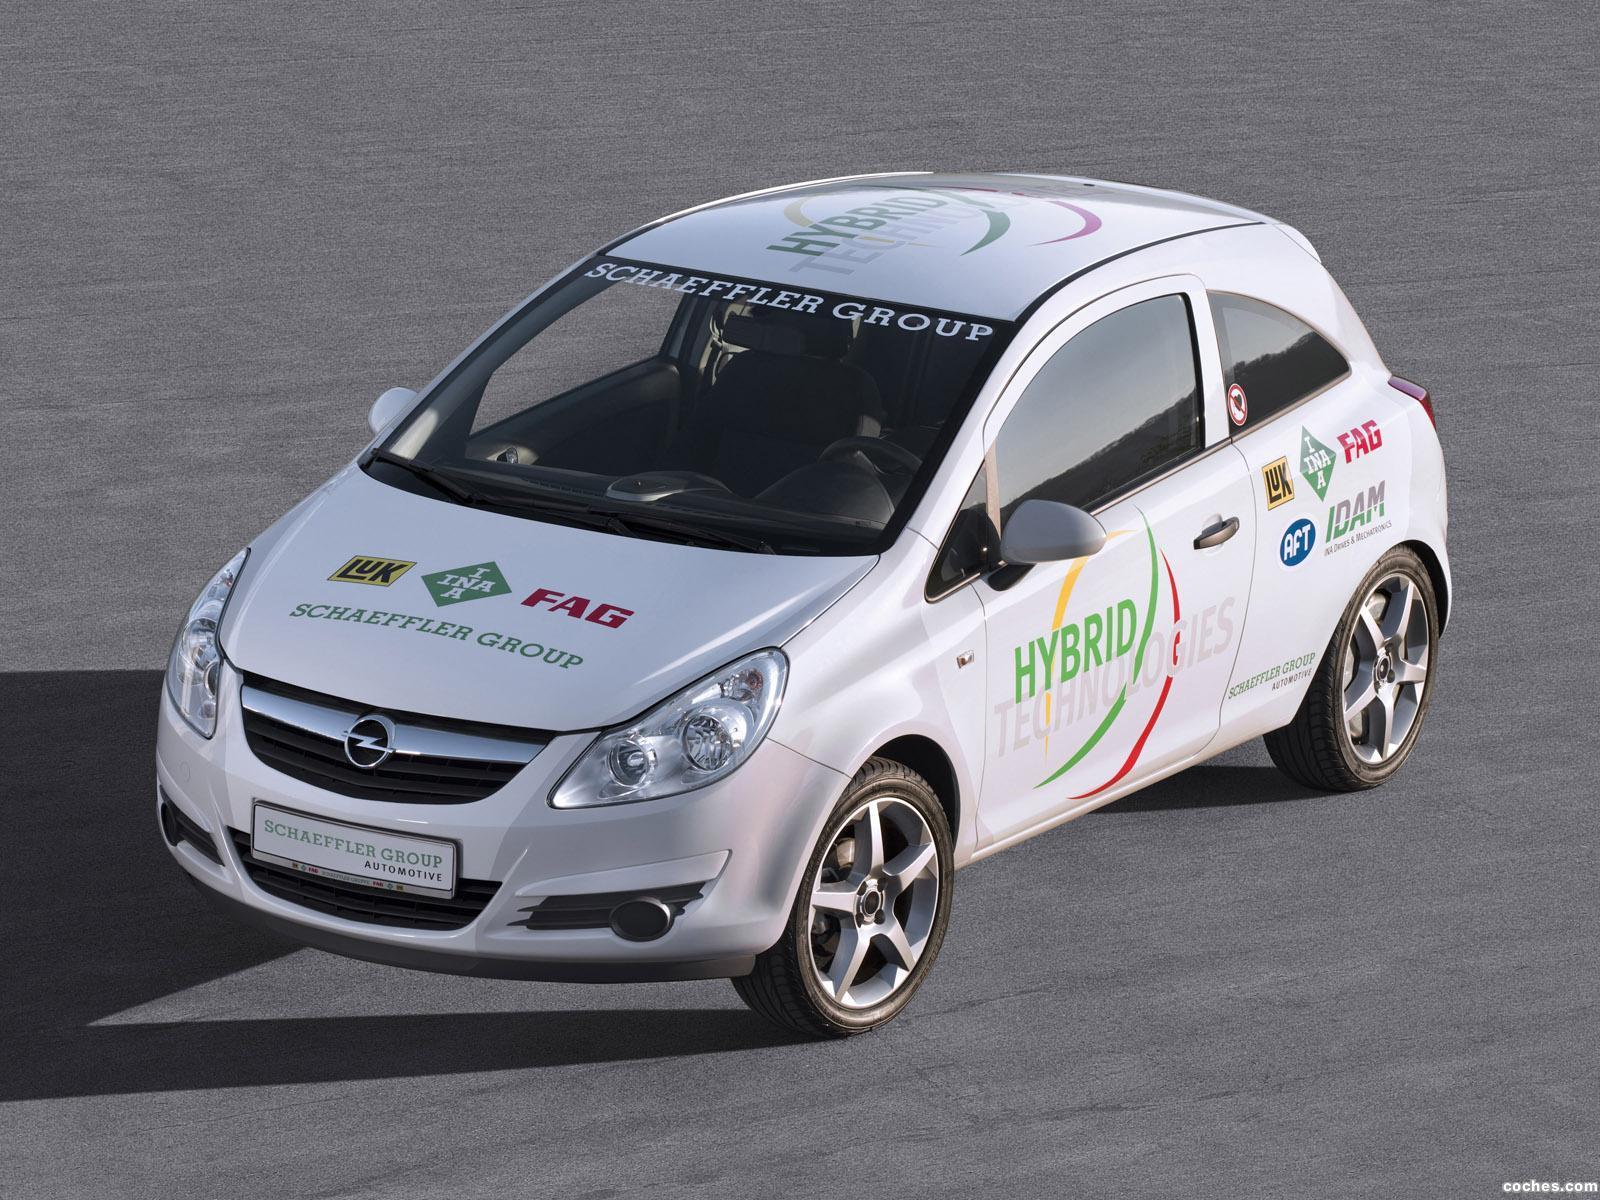 2010 Opel Corsa Hybrid Concept photo - 1